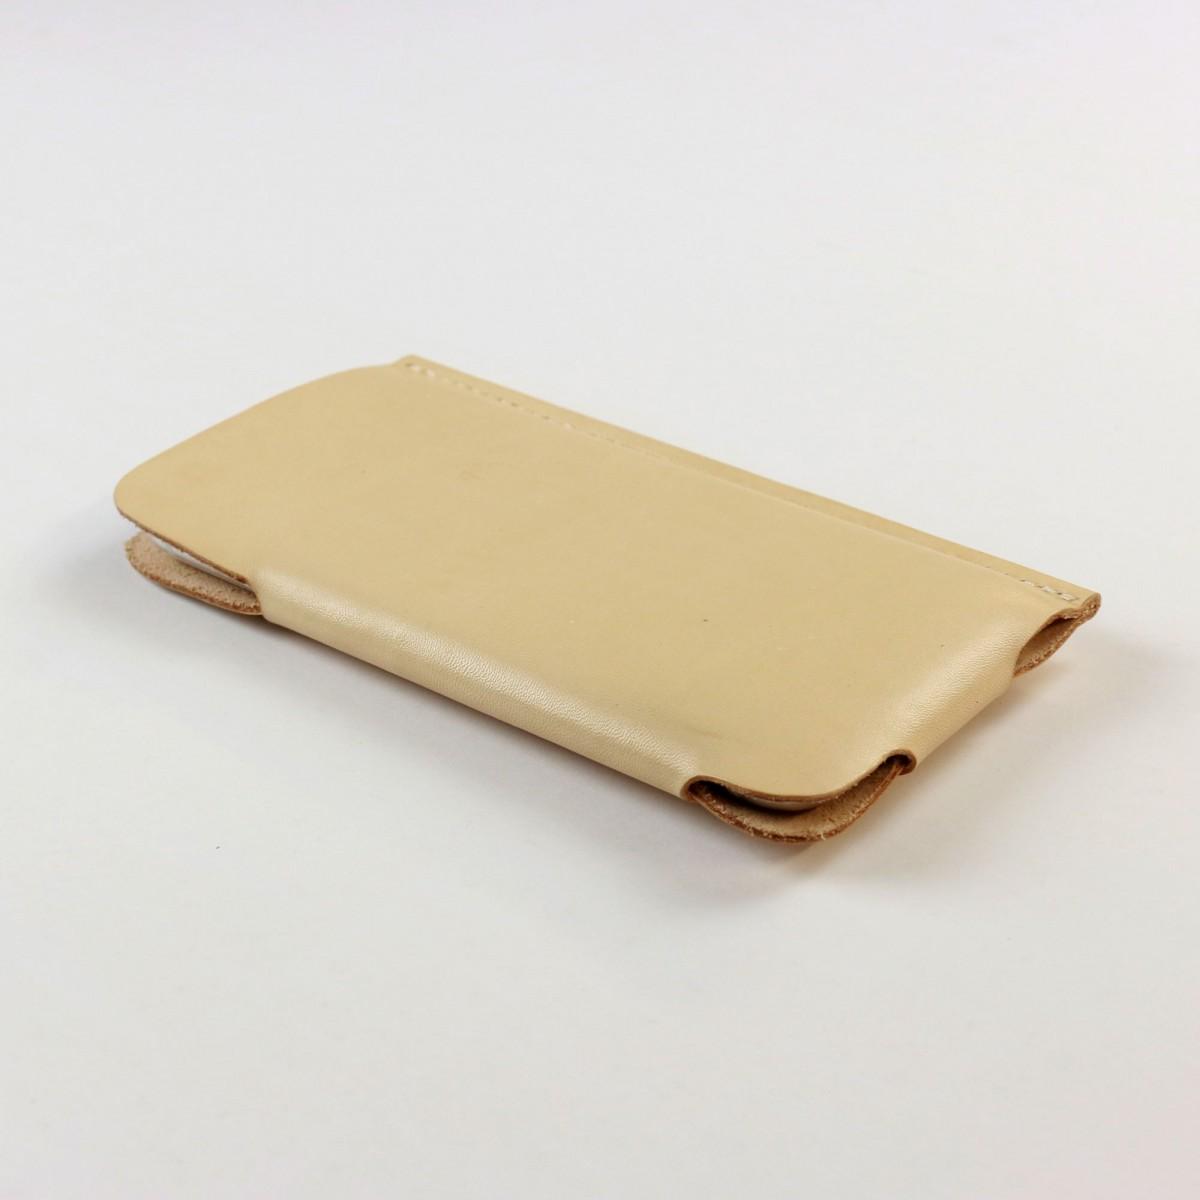 iPhone 6 Plus /6S Plus Slim Fit Hülle aus Leder in Farbe natur [natur]